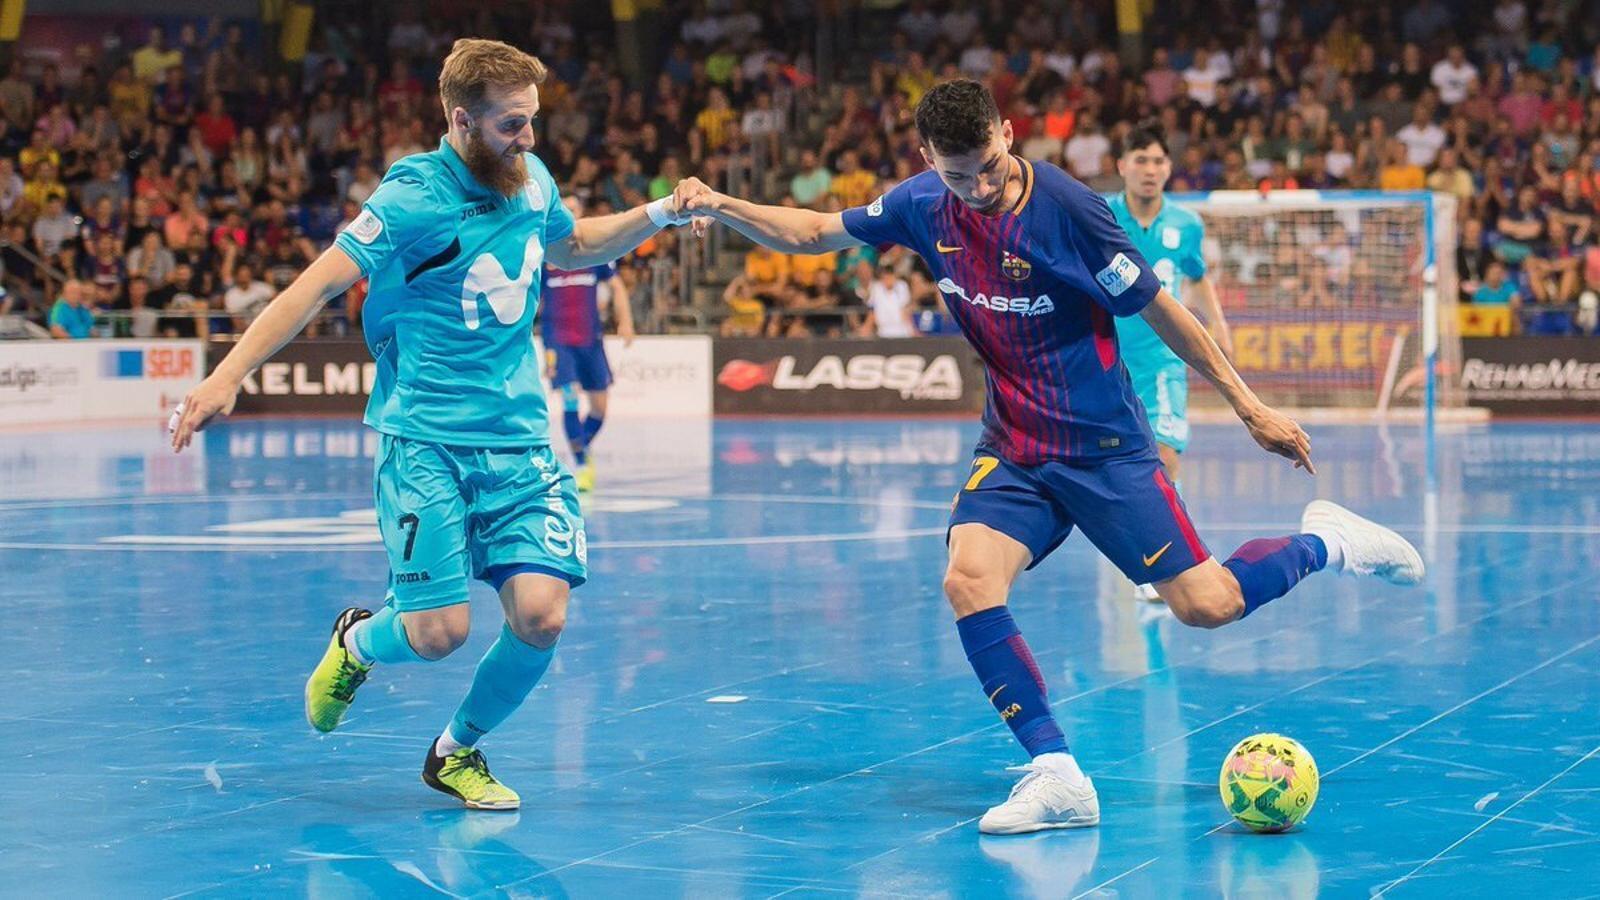 Pola intenta evitar un atac del Barça Lassa